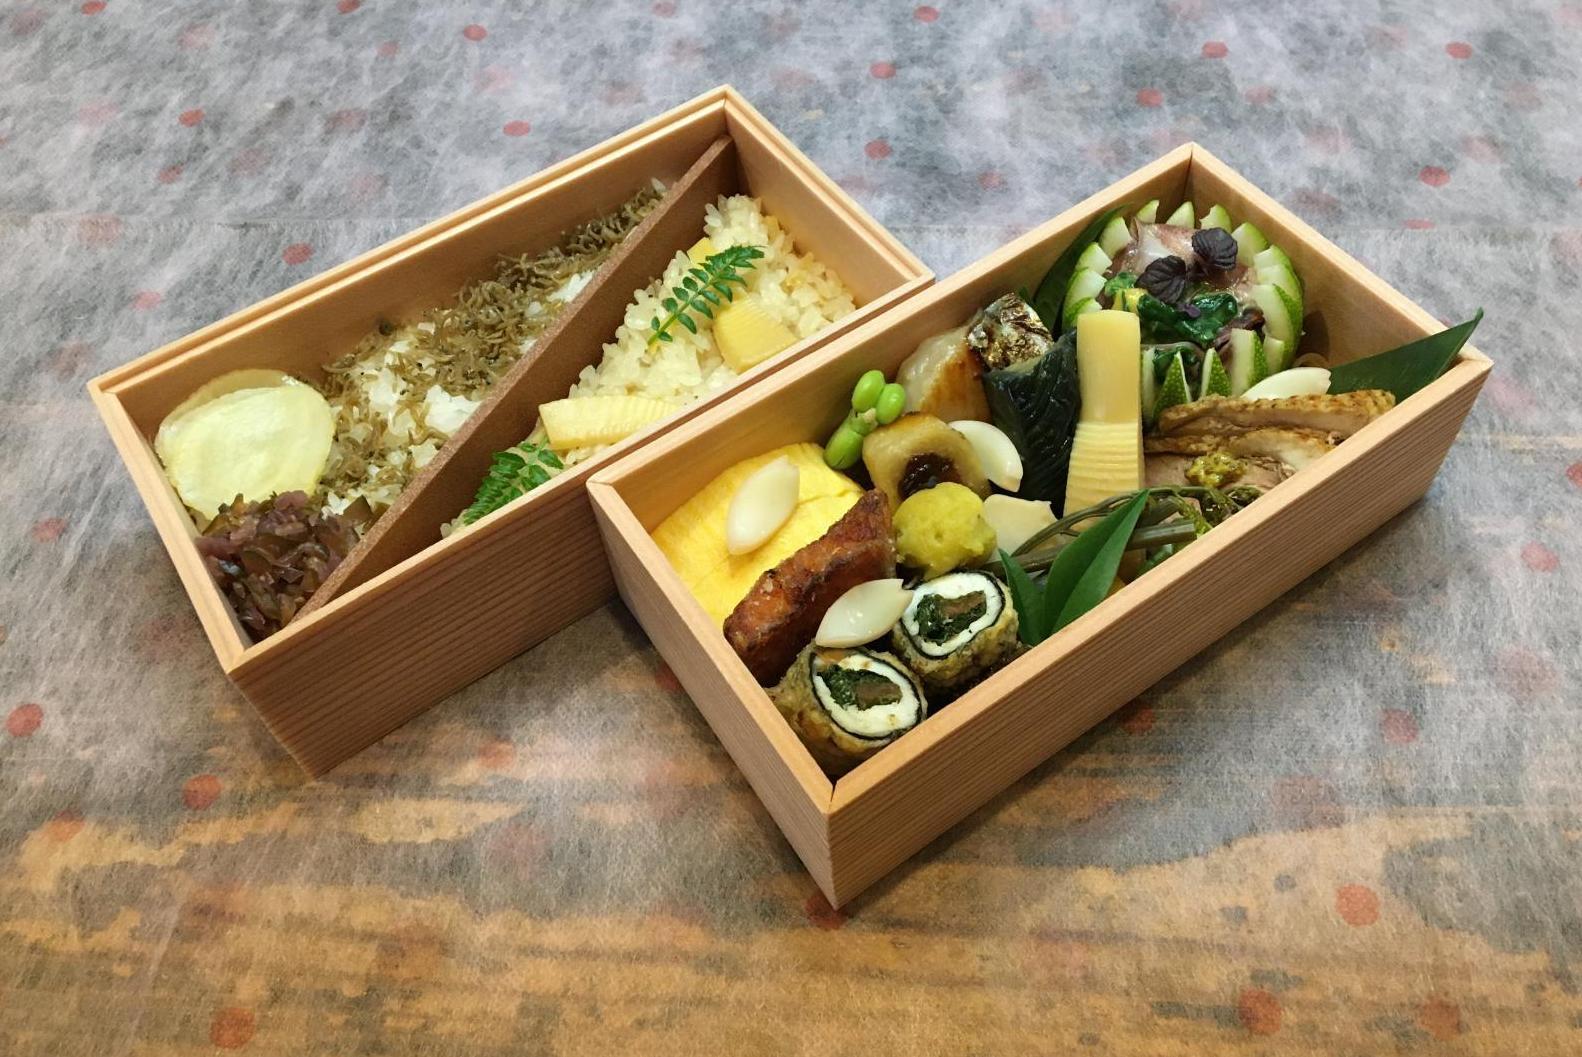 折詰弁当のイメージ